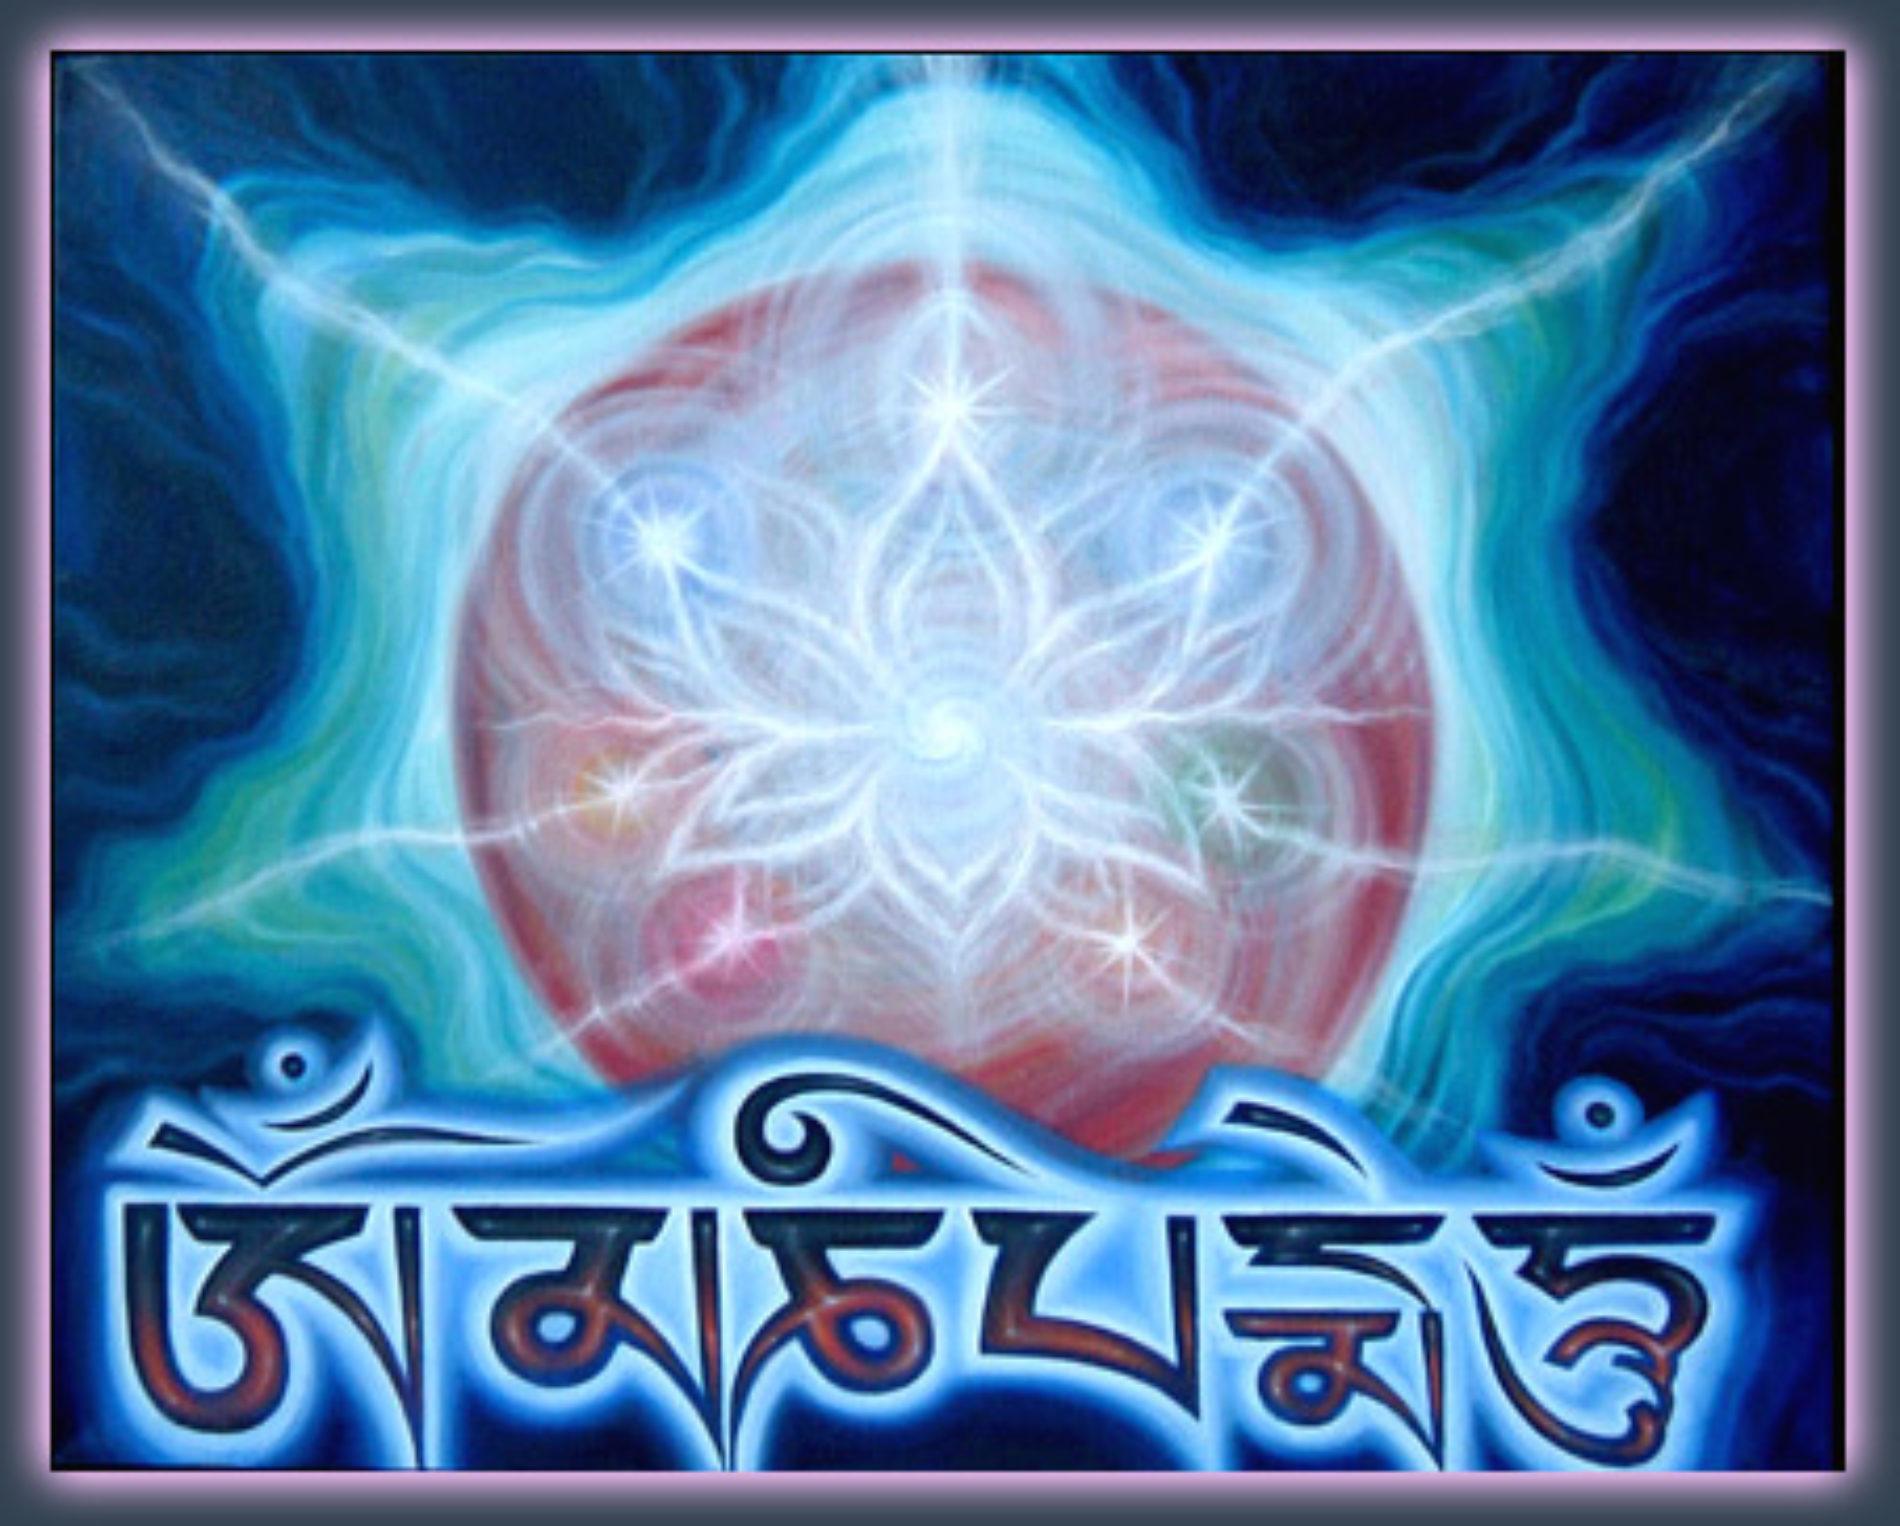 Lợi ích của việc trì tụng thần chú Om Mani Padme Hum